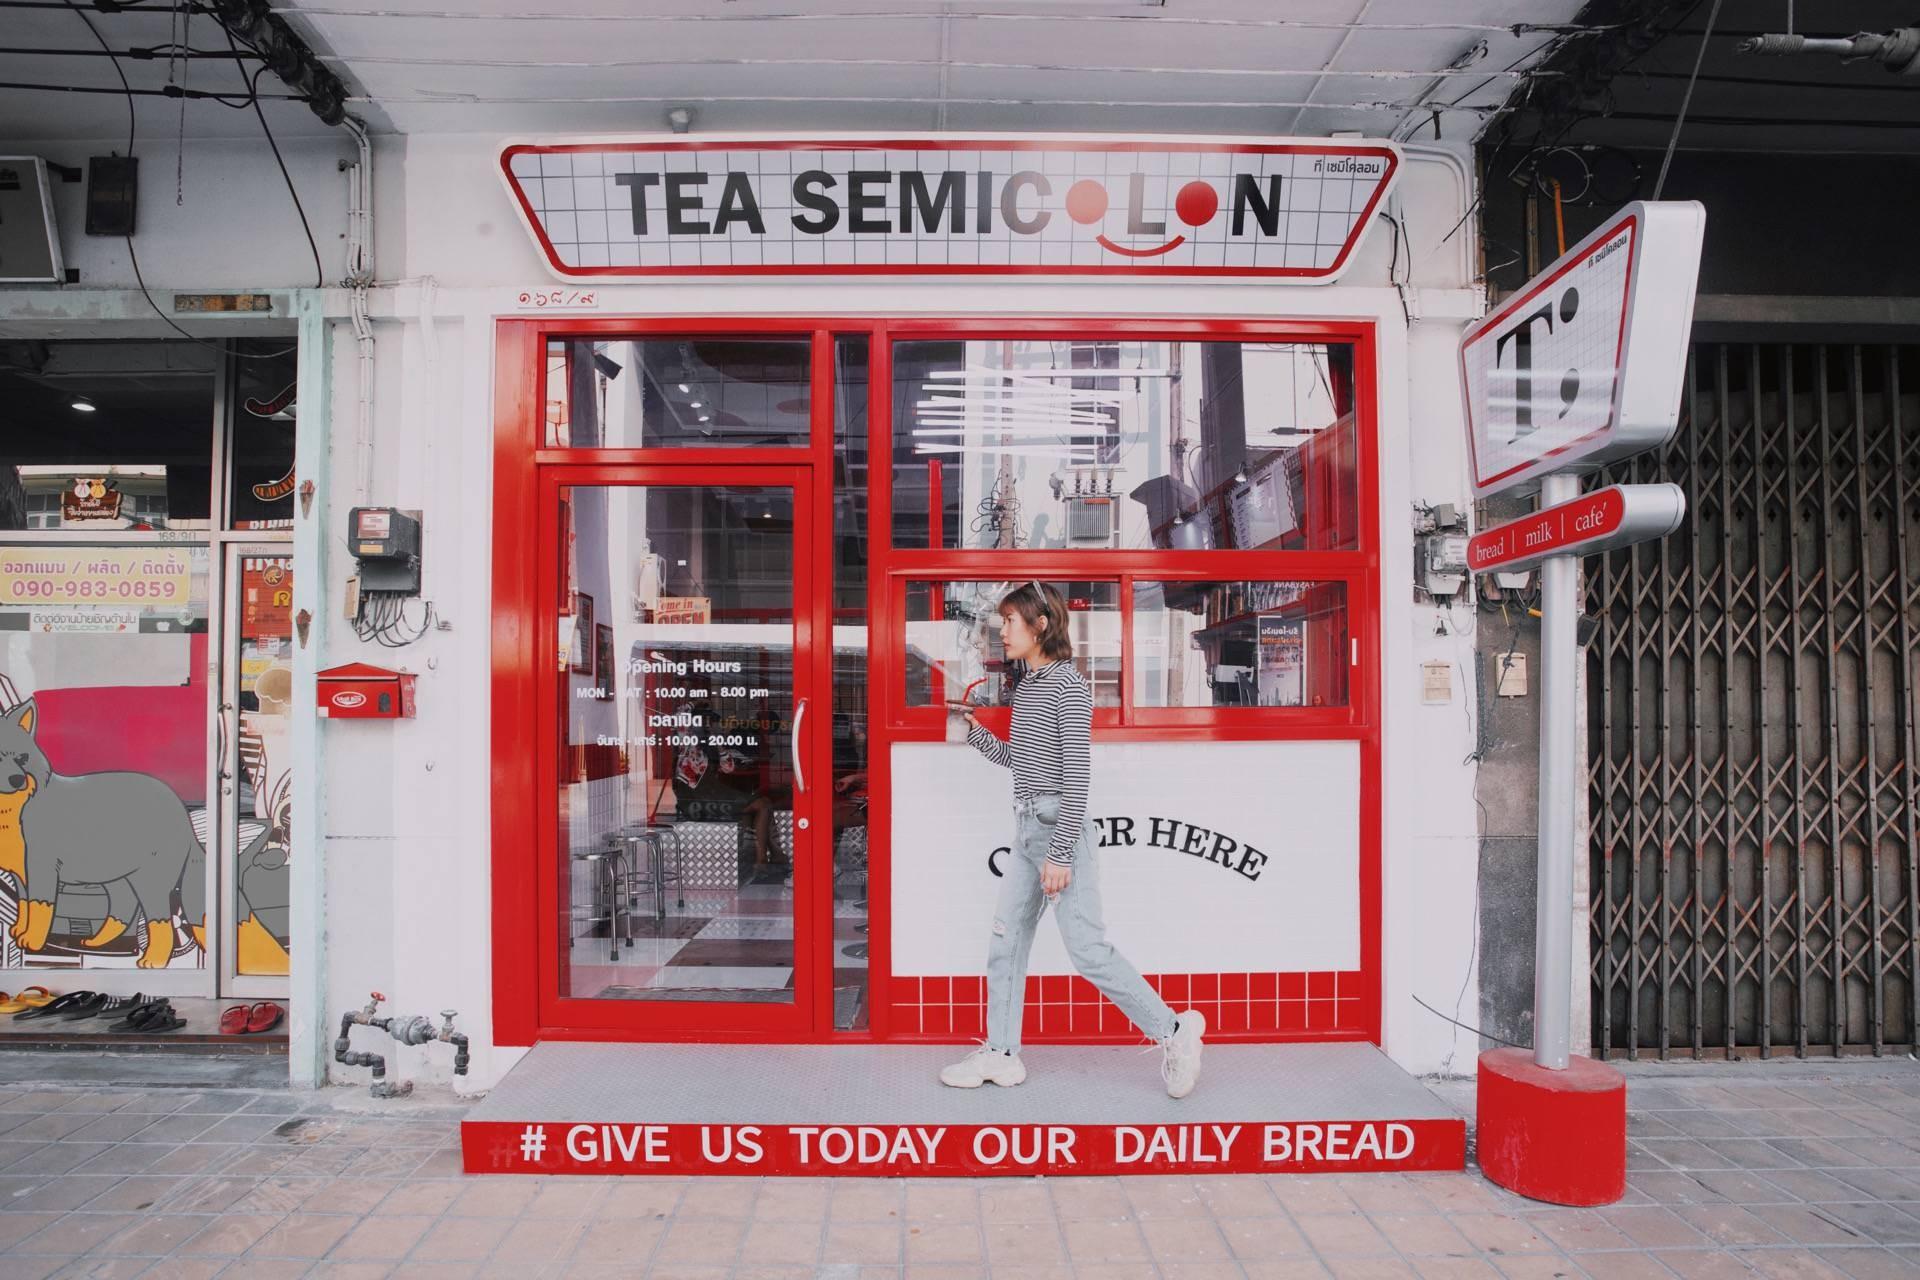 Tea Semicolon Café